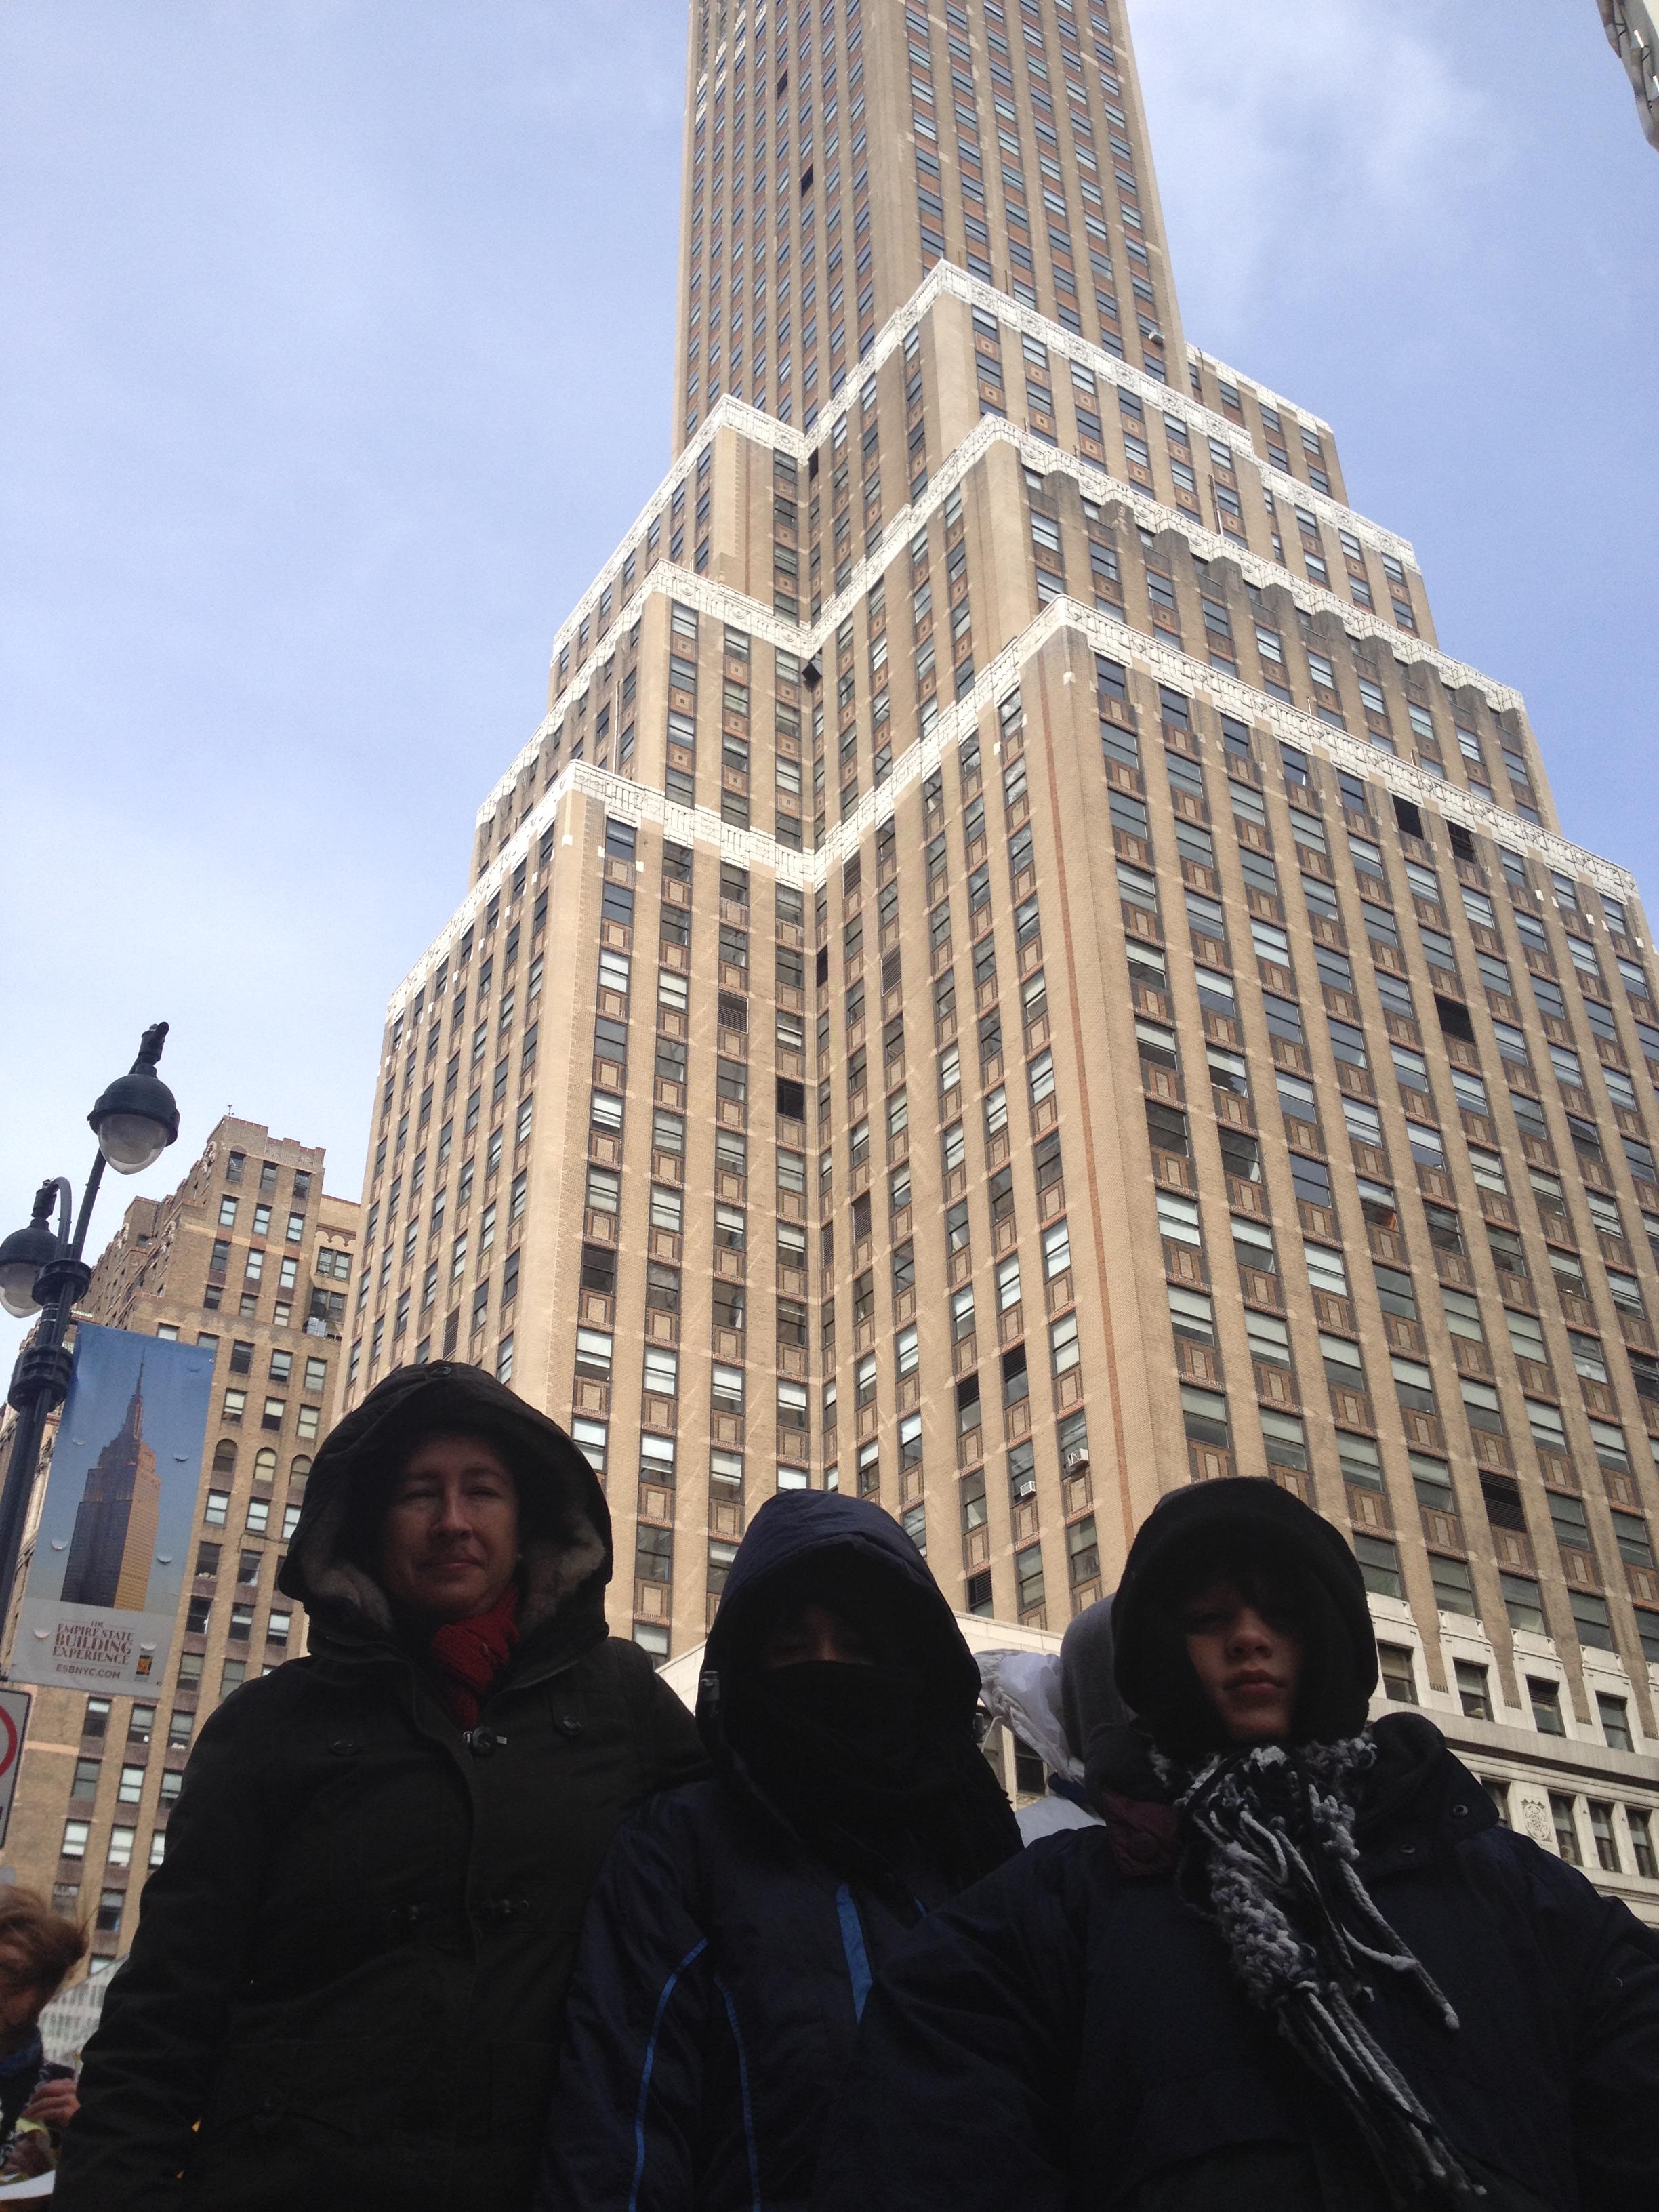 Un edificio de los muchos muchos que hay en la ciudad.